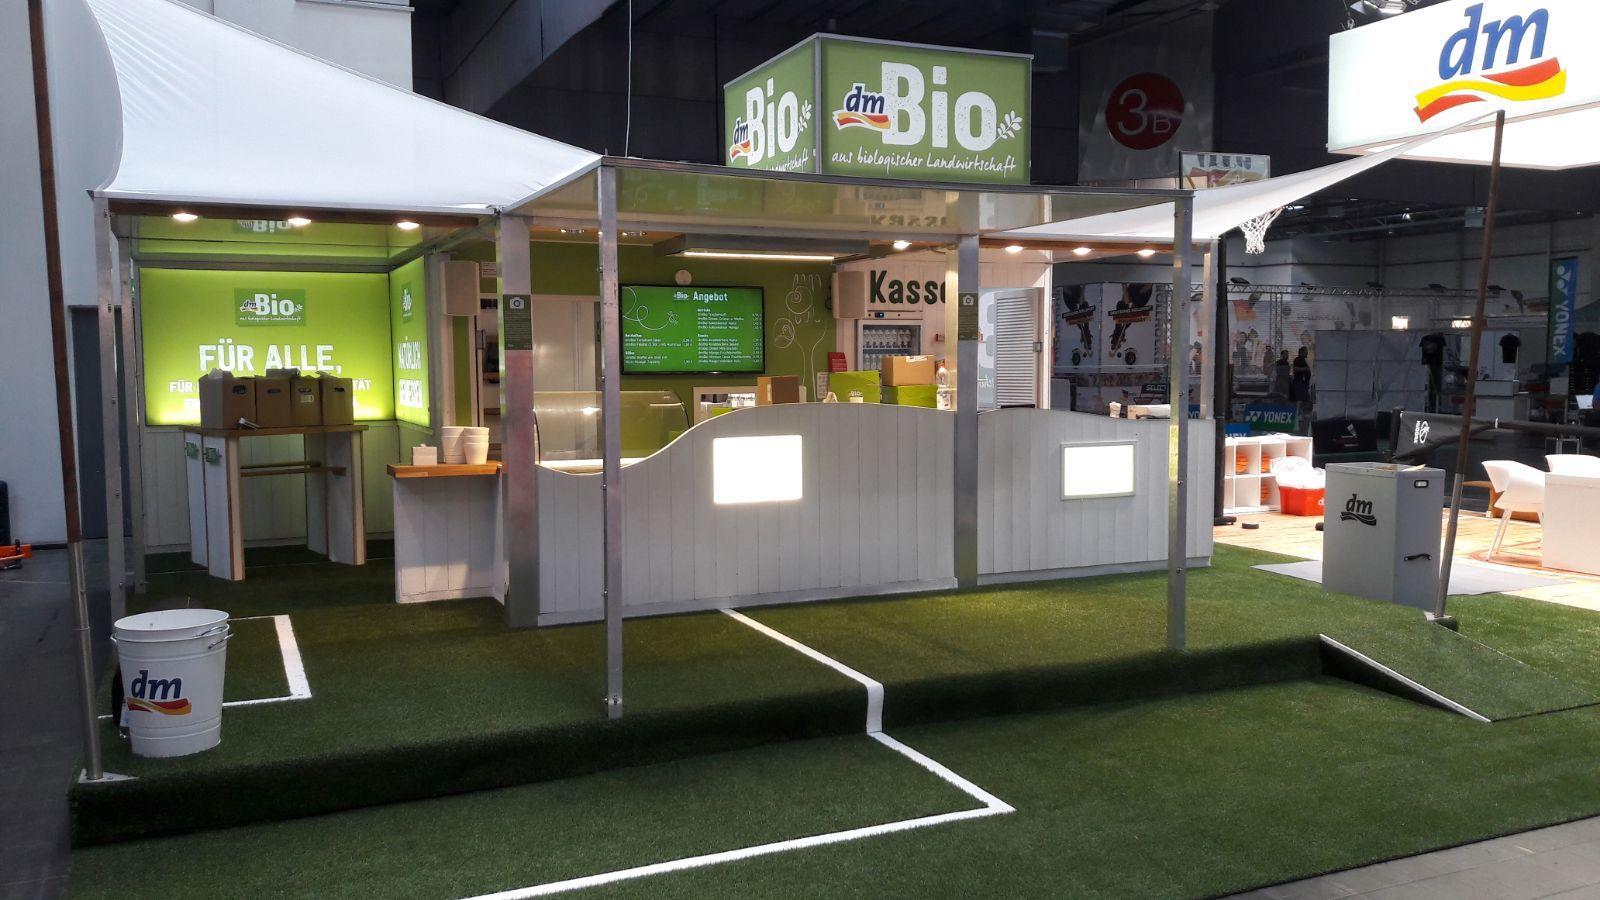 MESSEBAU - dmBio auf der Baspo 2018, Dortmund